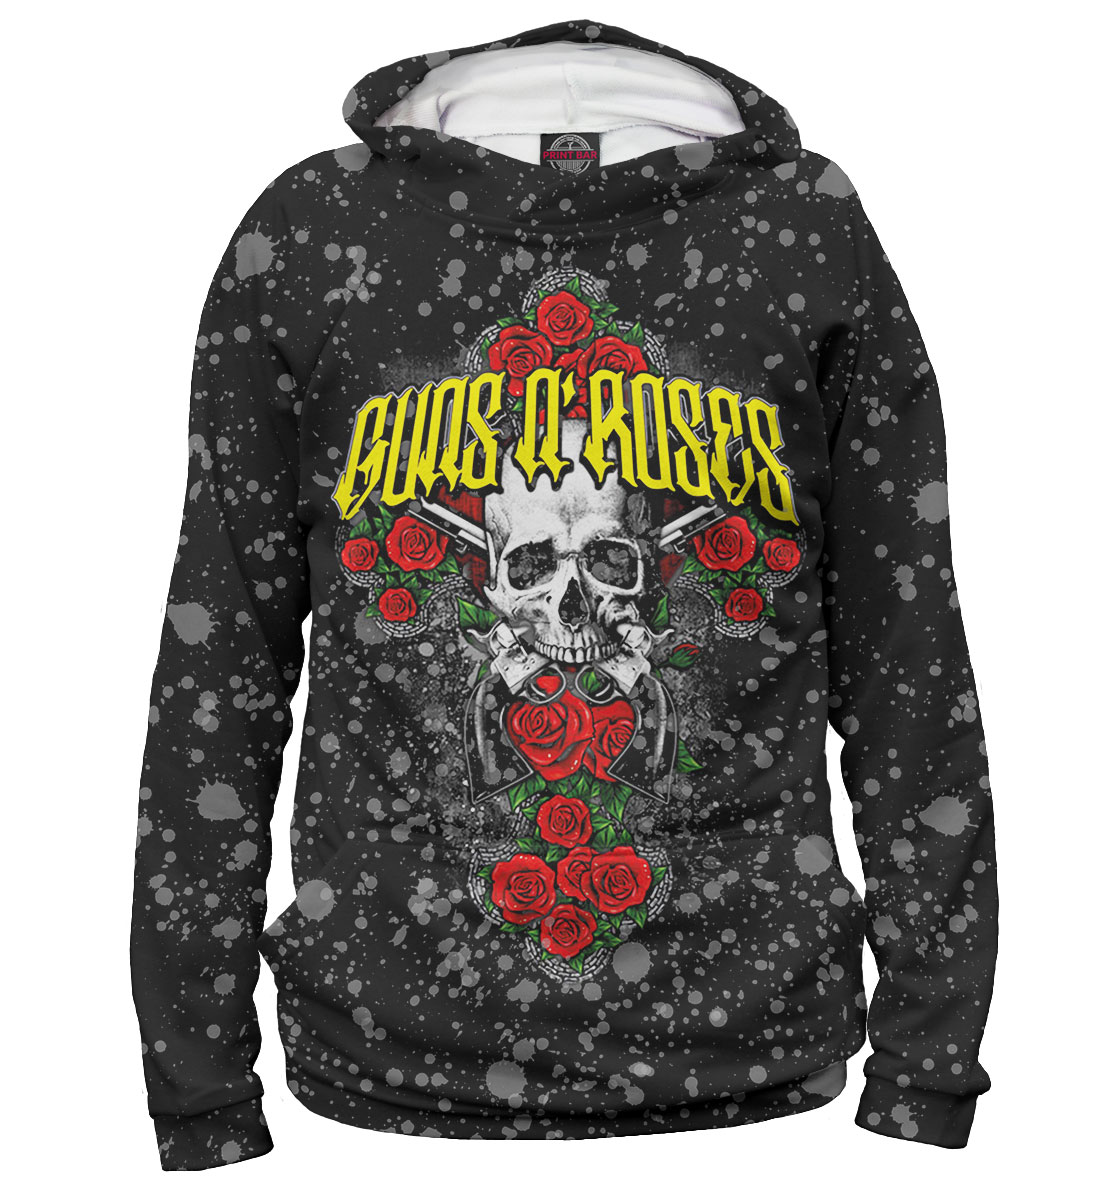 Купить Guns N' Roses, Printbar, Худи, GNR-983813-hud-2